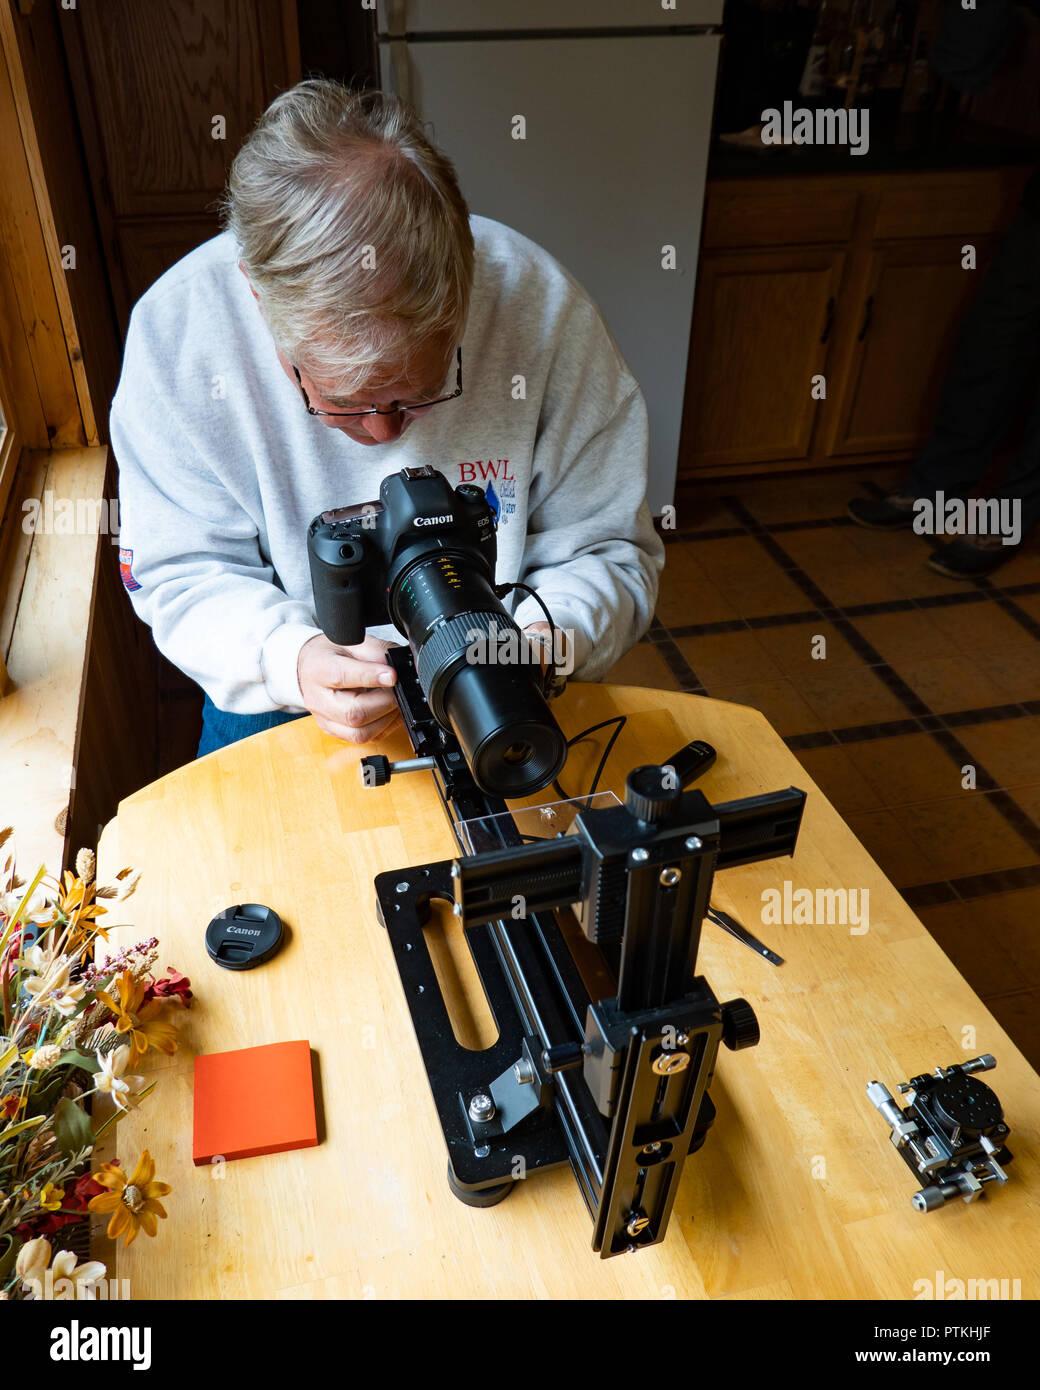 Un fotógrafo senior demostración de técnicas para fotografiar insectos pequeños con una cámara digital Canon y lentes. Imagen De Stock